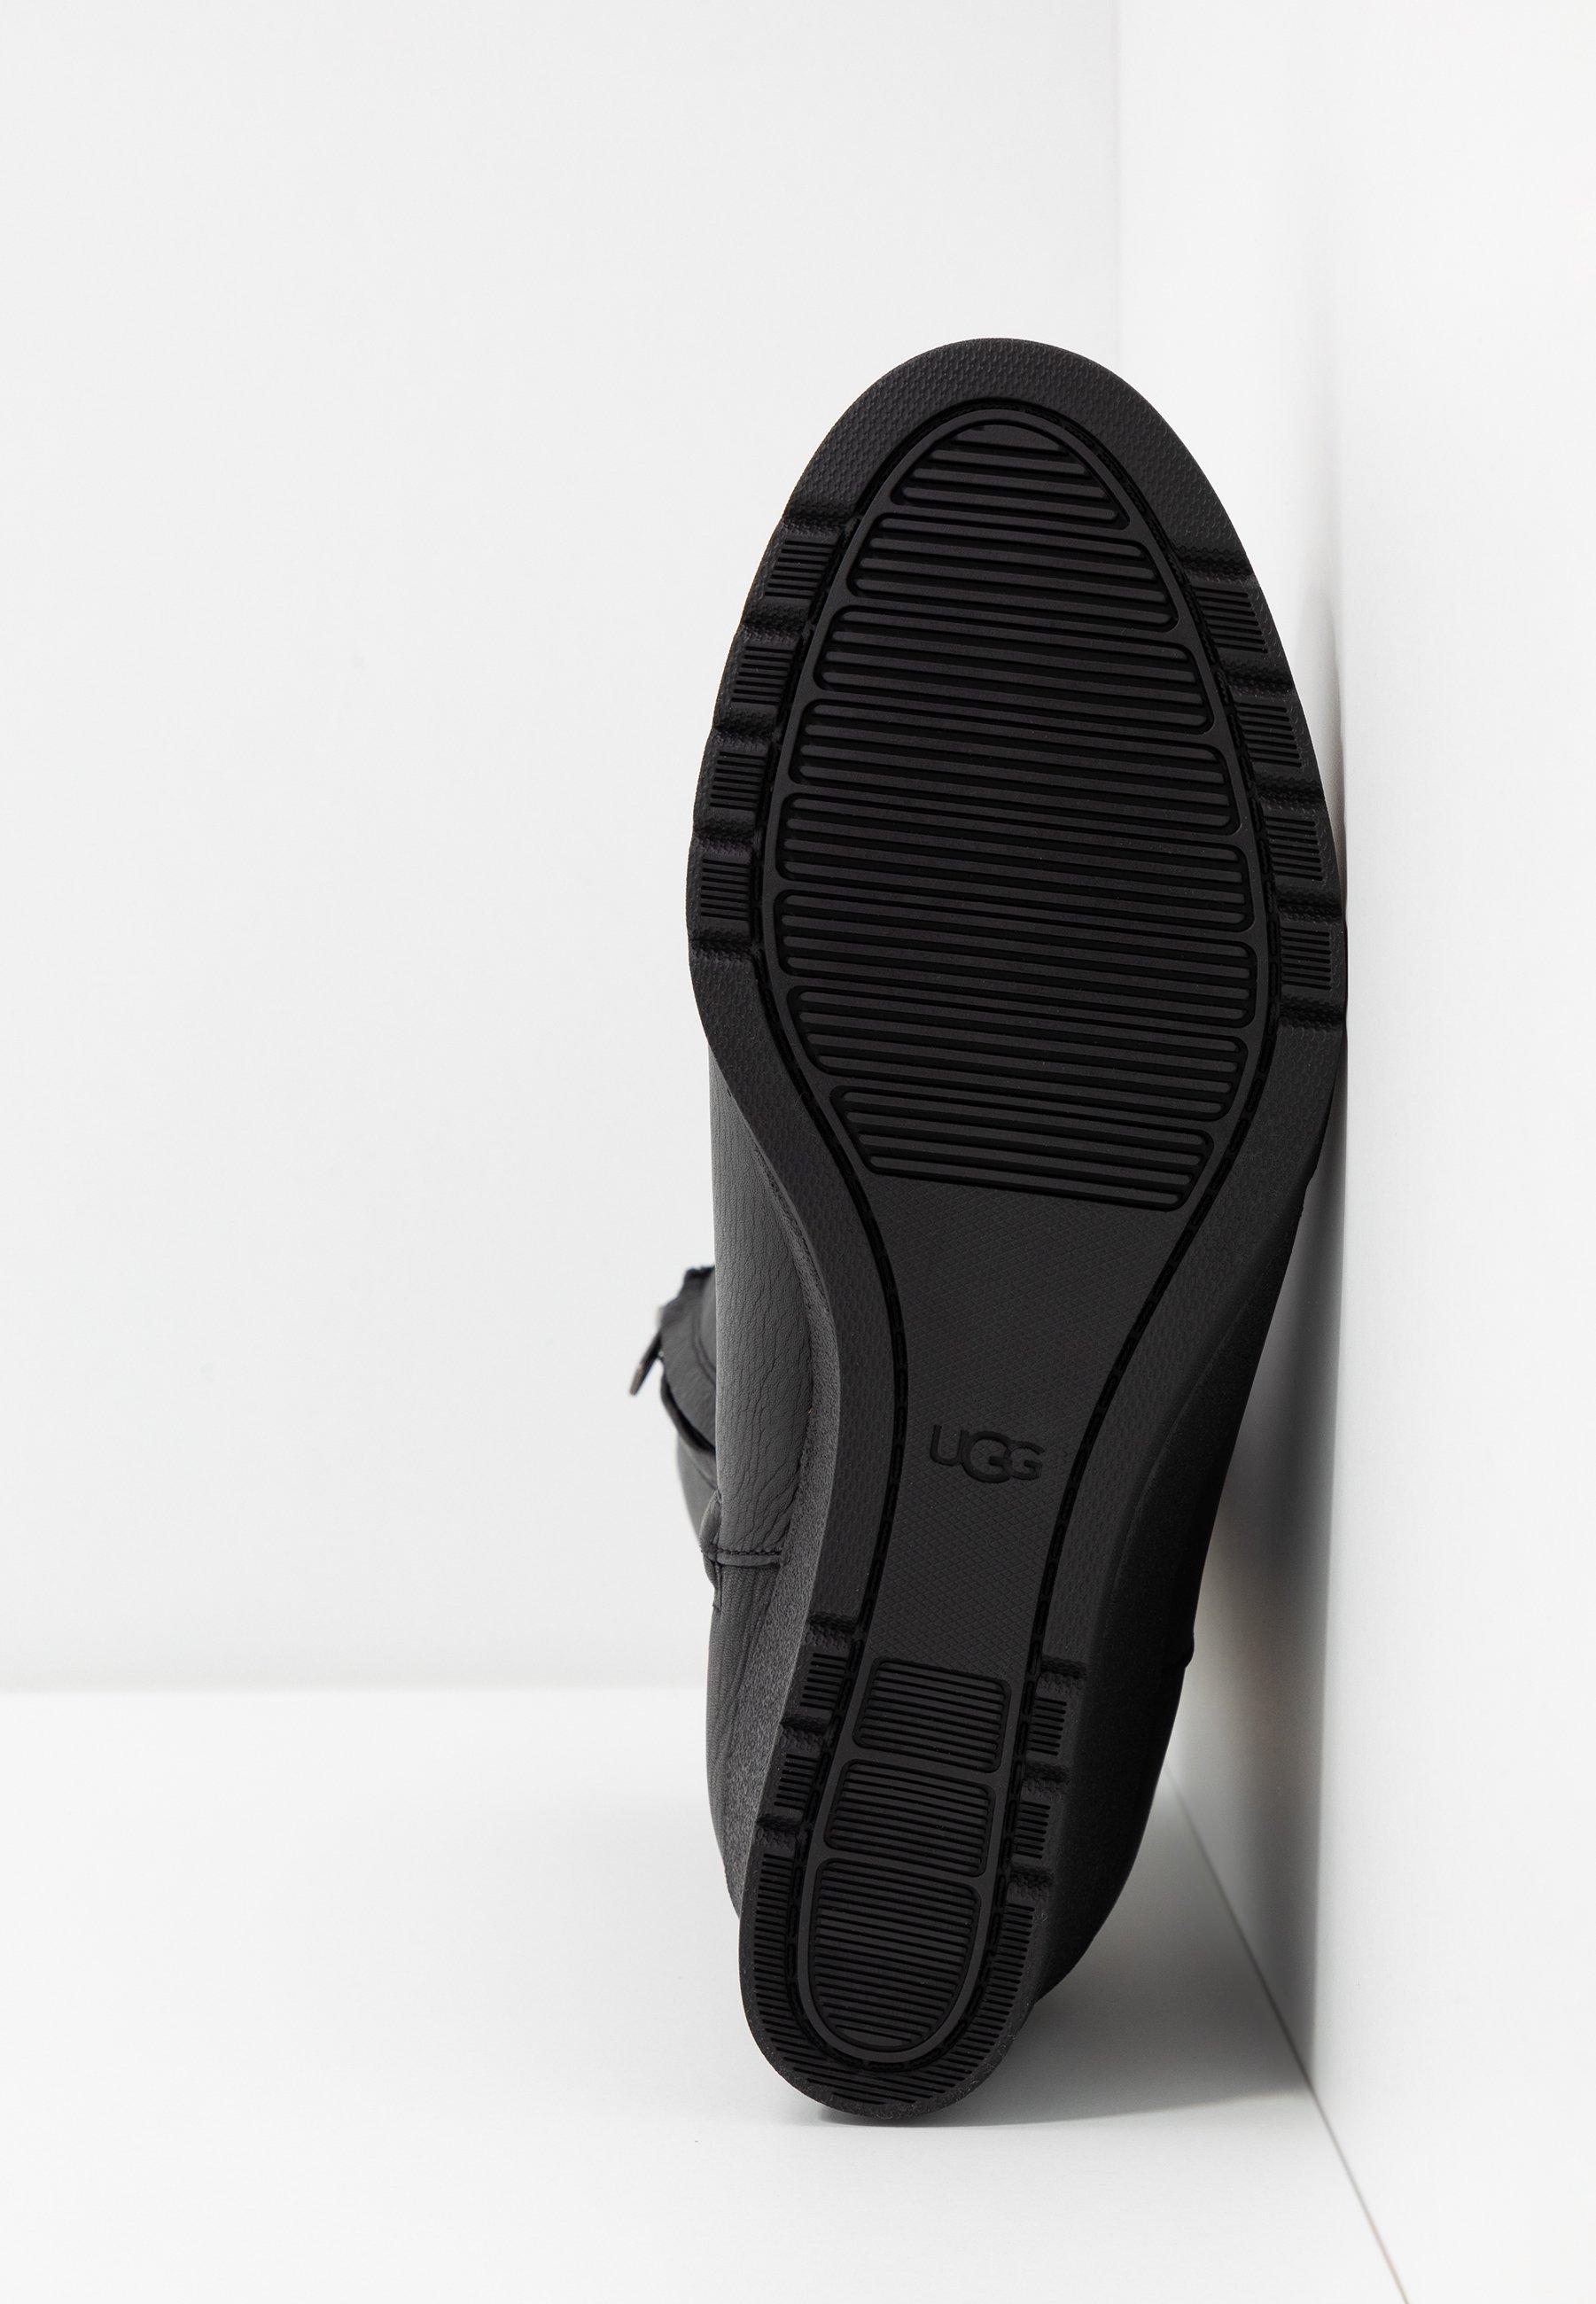 Ugg Potrero - Keilstiefel Black Friday